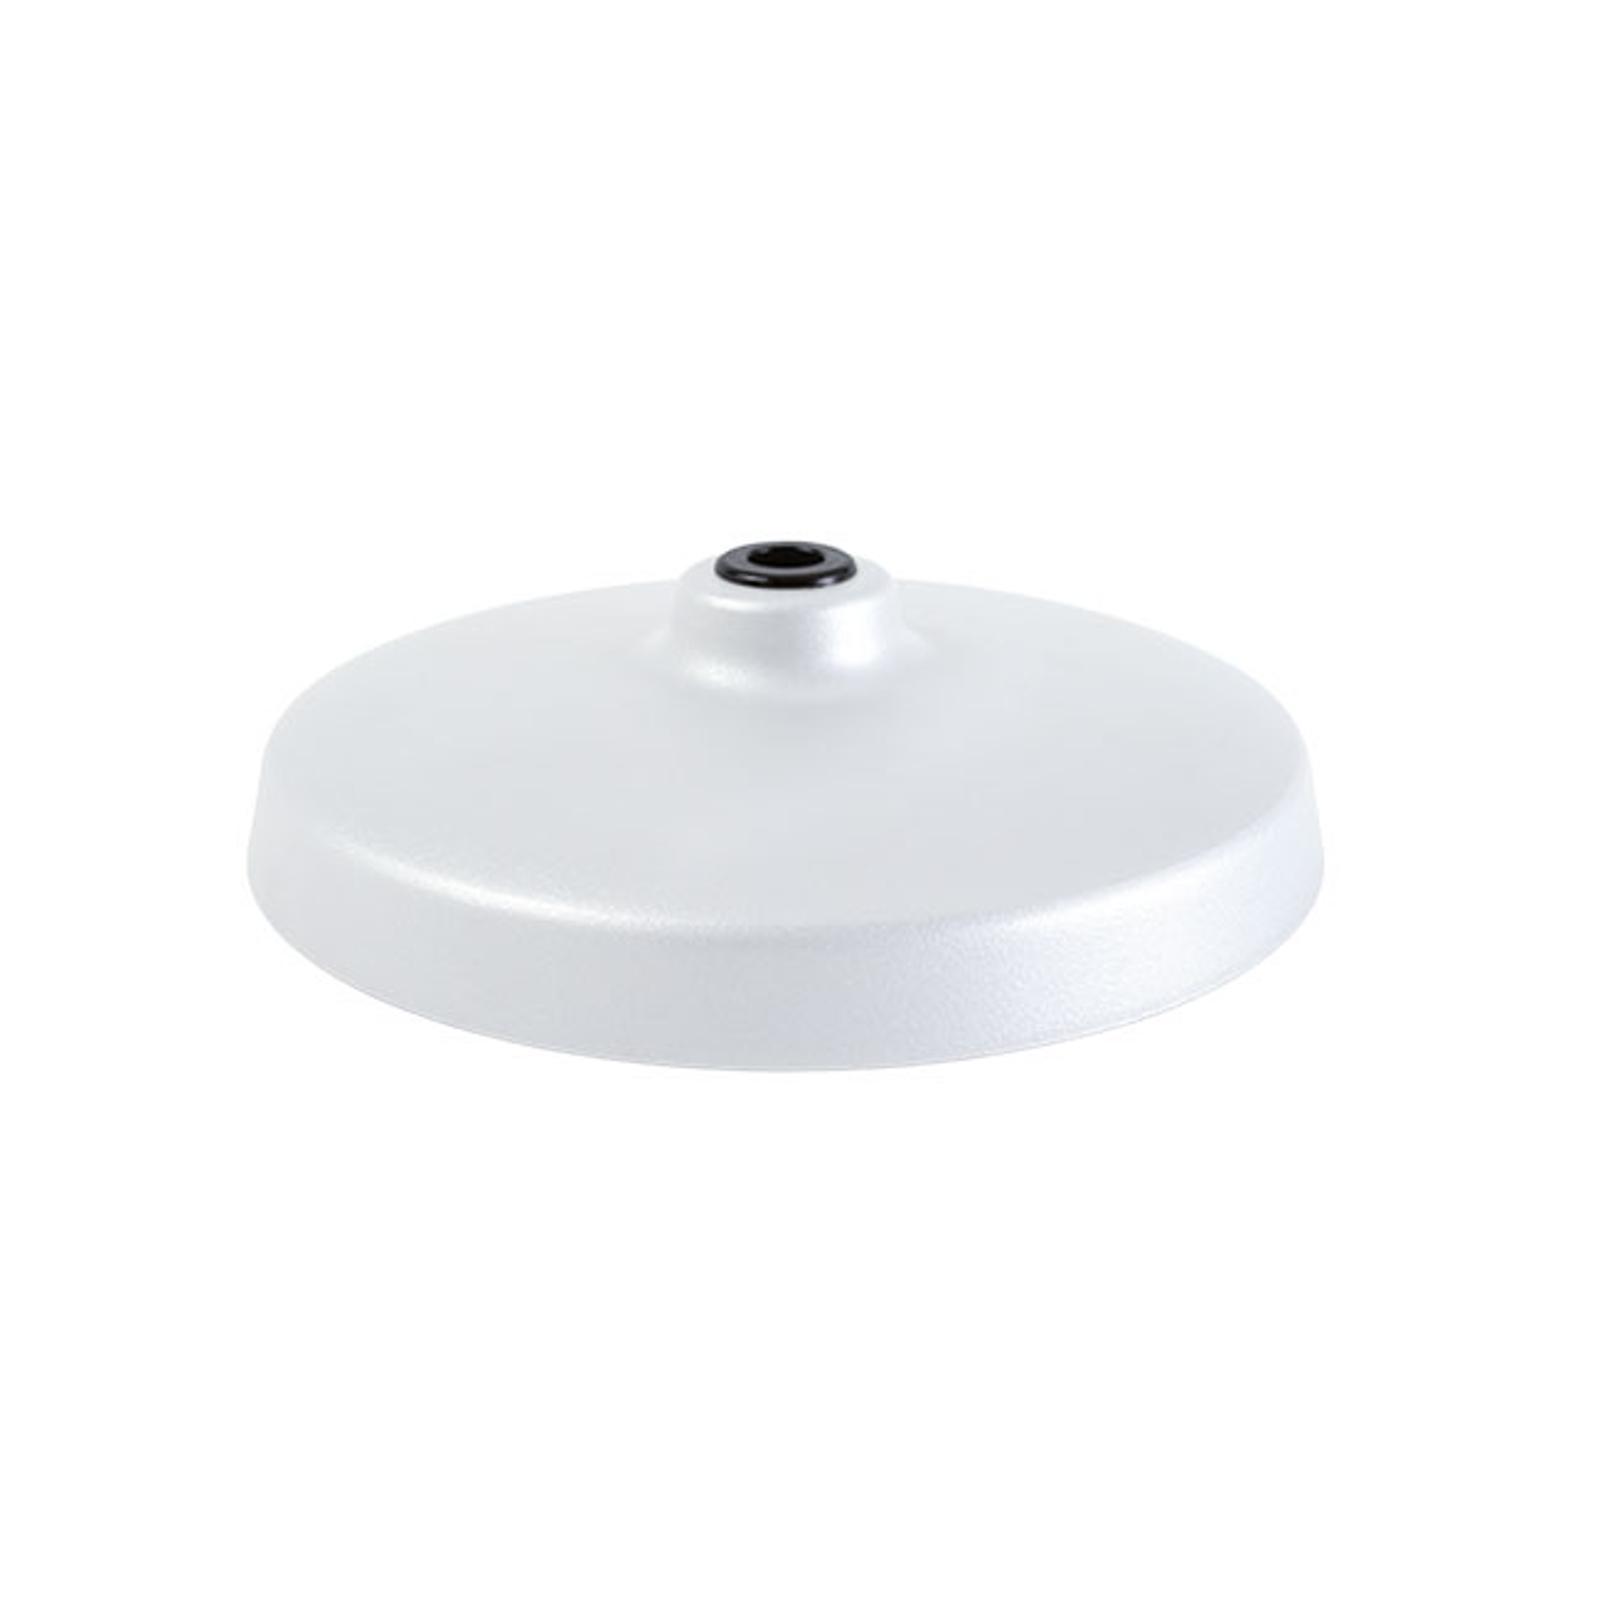 Tischfuß zu 6040154 L-1 LED TL weiß